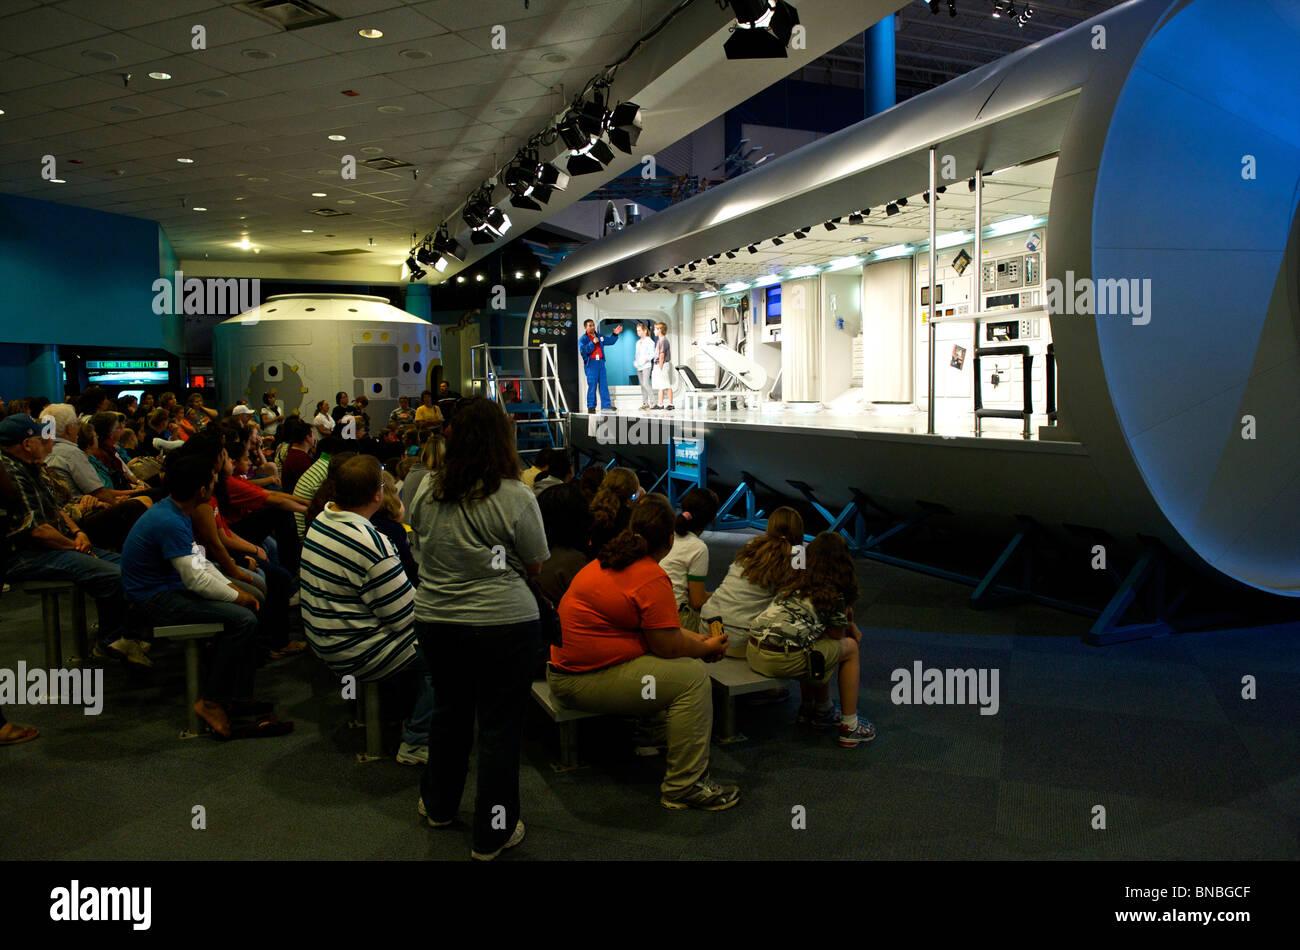 Manifestation du vivant à l'intérieur de la station spatiale, Space Center, Houston, Texas, États-Unis Banque D'Images